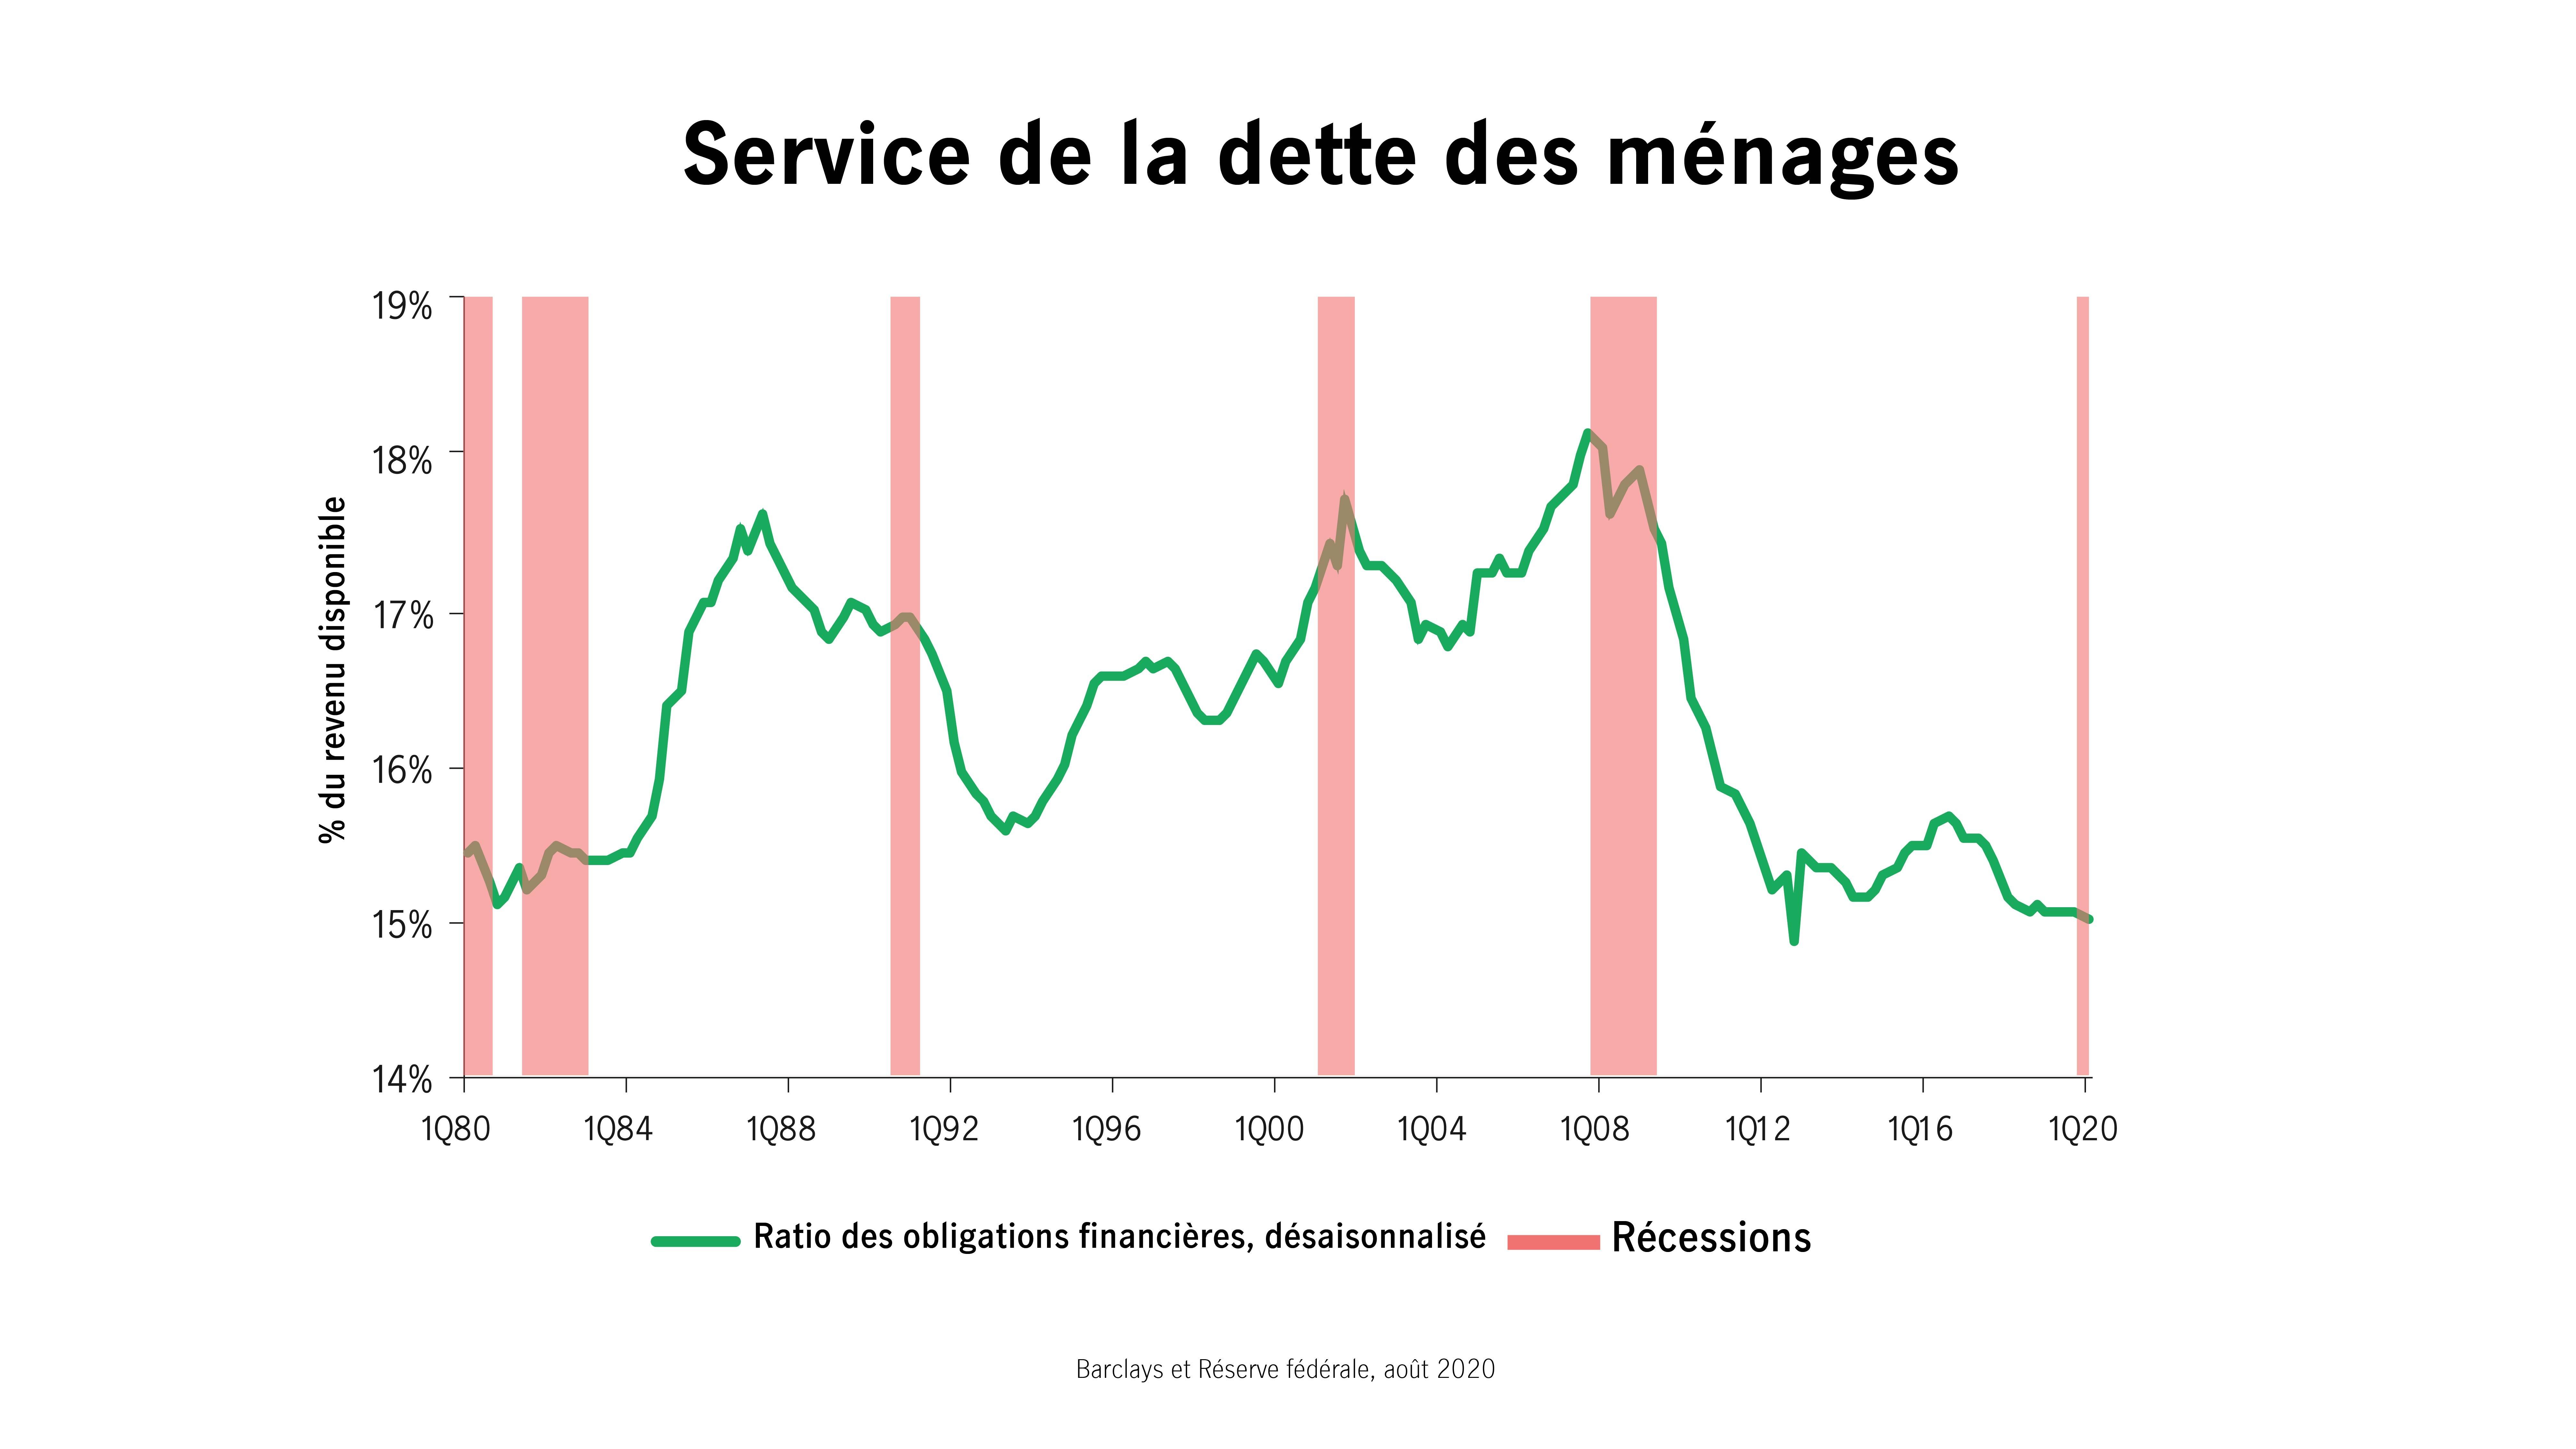 Service de la dette des ménages